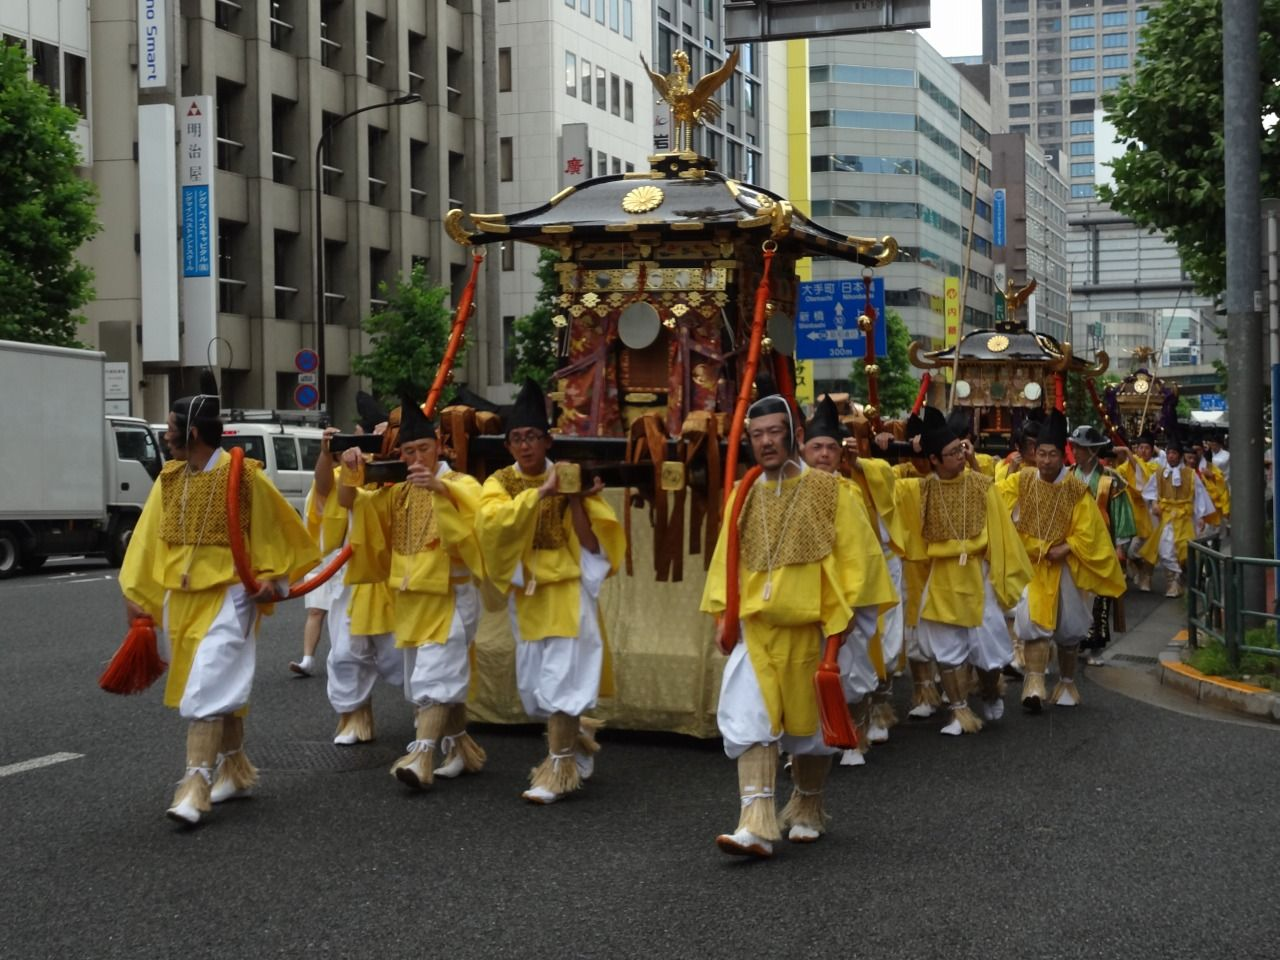 今日はなにを食べようかなぁ! : 日枝神社 山王祭2014 神幸祭